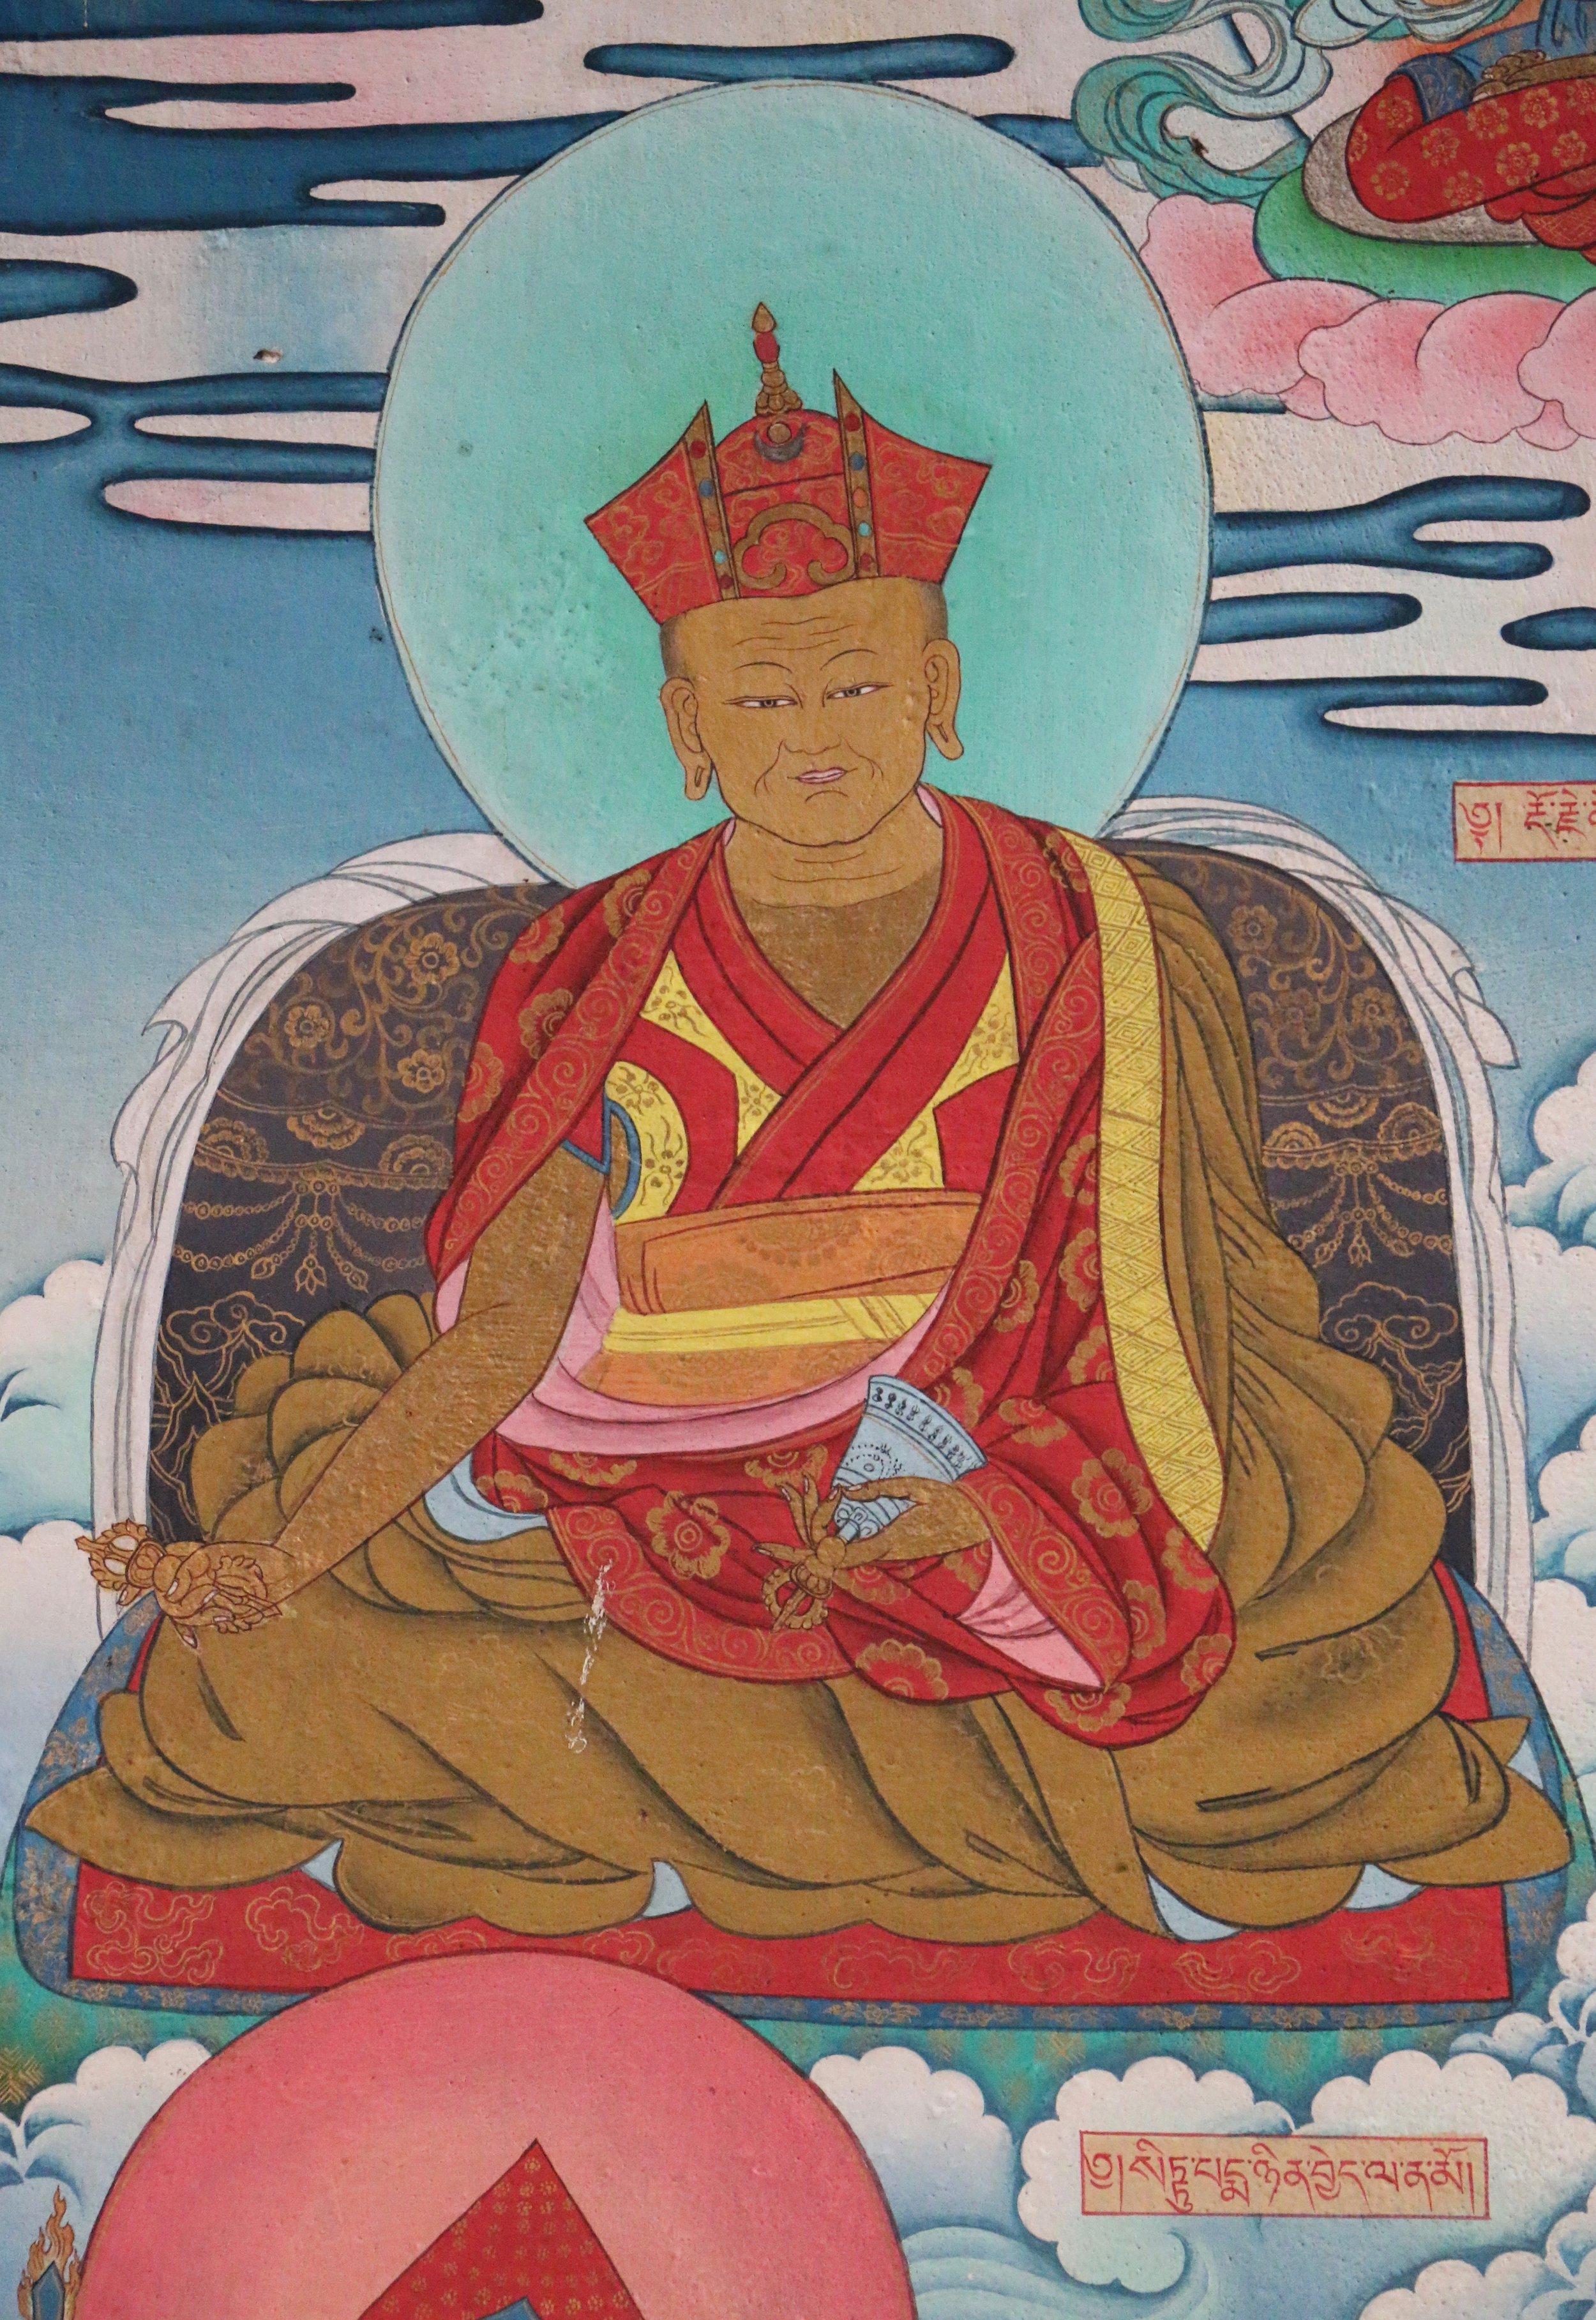 司徒貝瑪寧傑旺波